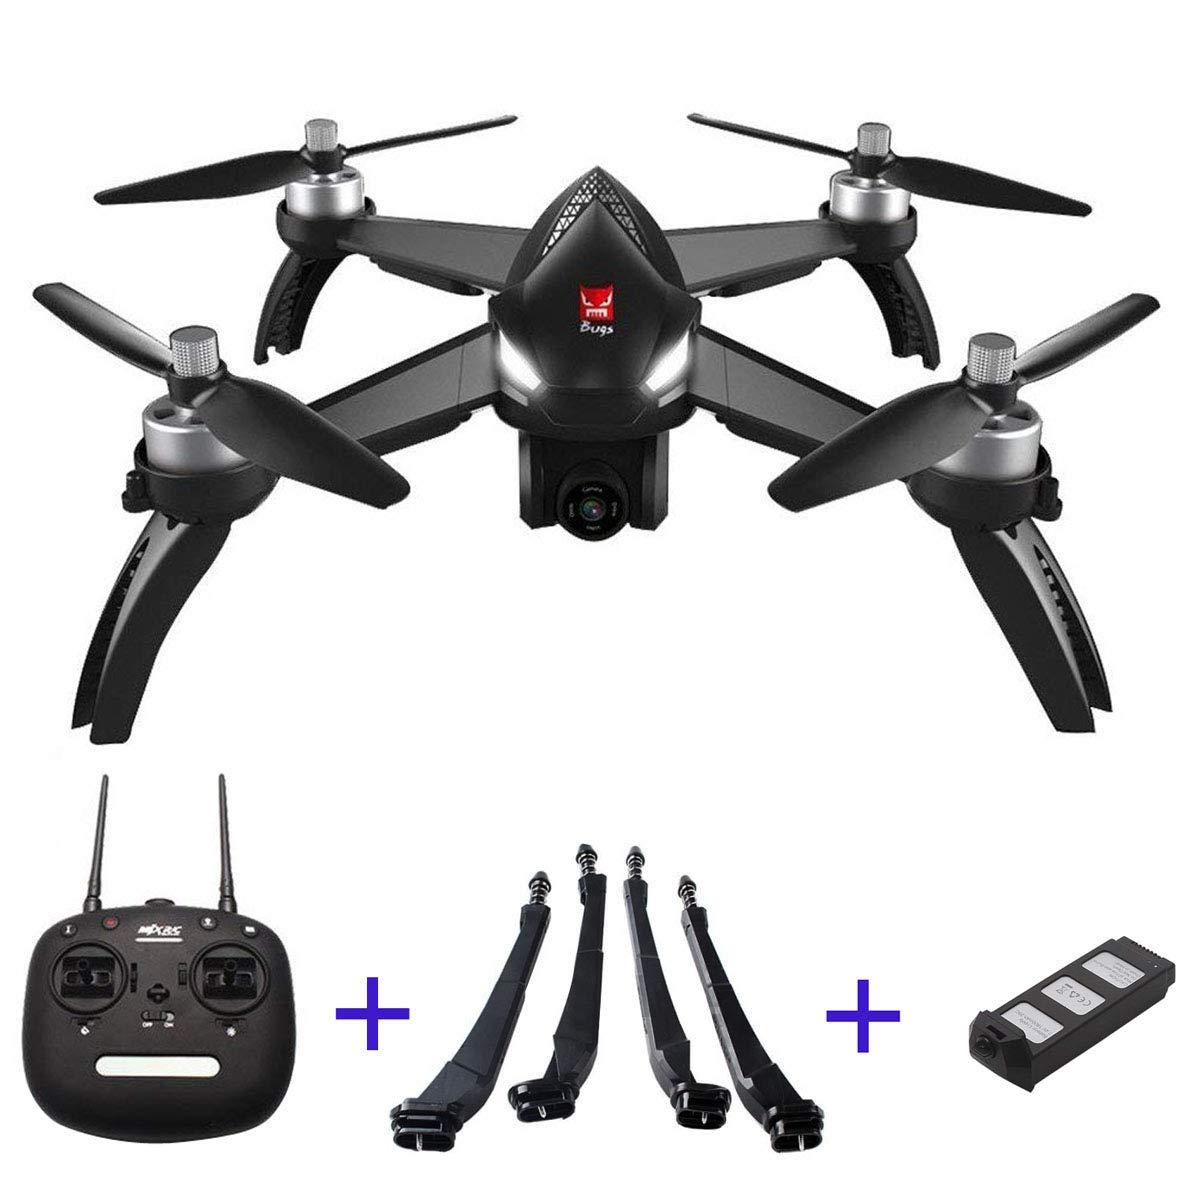 la red entera más baja B5w-1d Tanli MJX MJX MJX Bugs 5W B5W 1080P 5G WiFi FPV Cámara GPS RC Drone Quadcopter RC Drone con Soporte para cámara y 3 baterías  tienda de ventas outlet